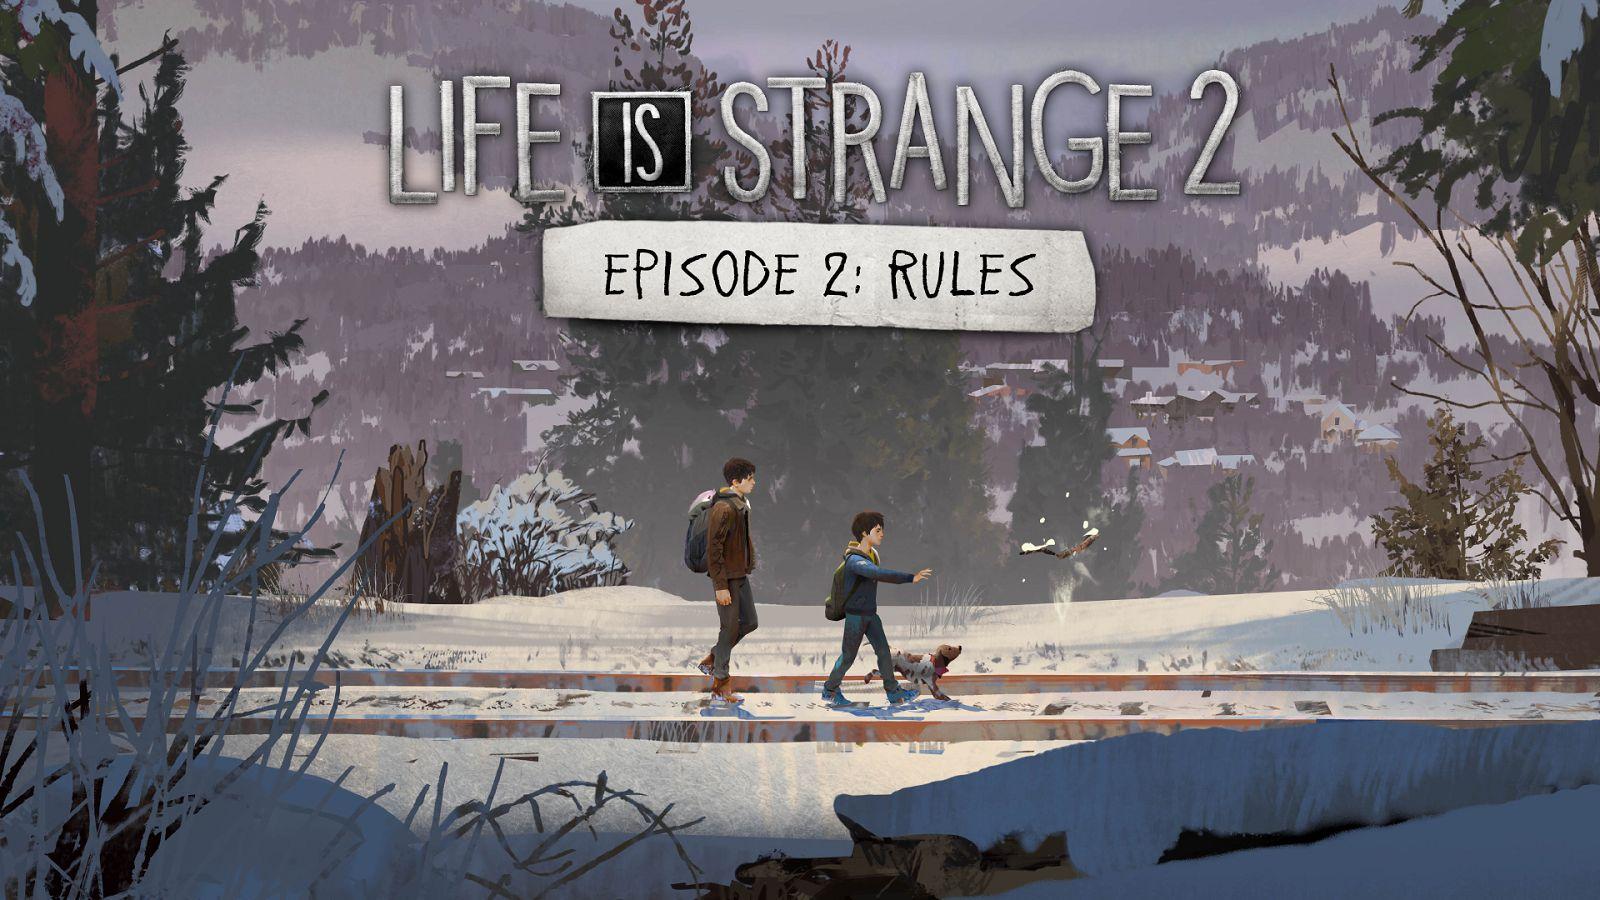 """《奇异人生2》二章""""规则""""1月24上市 真人宣传片放出"""